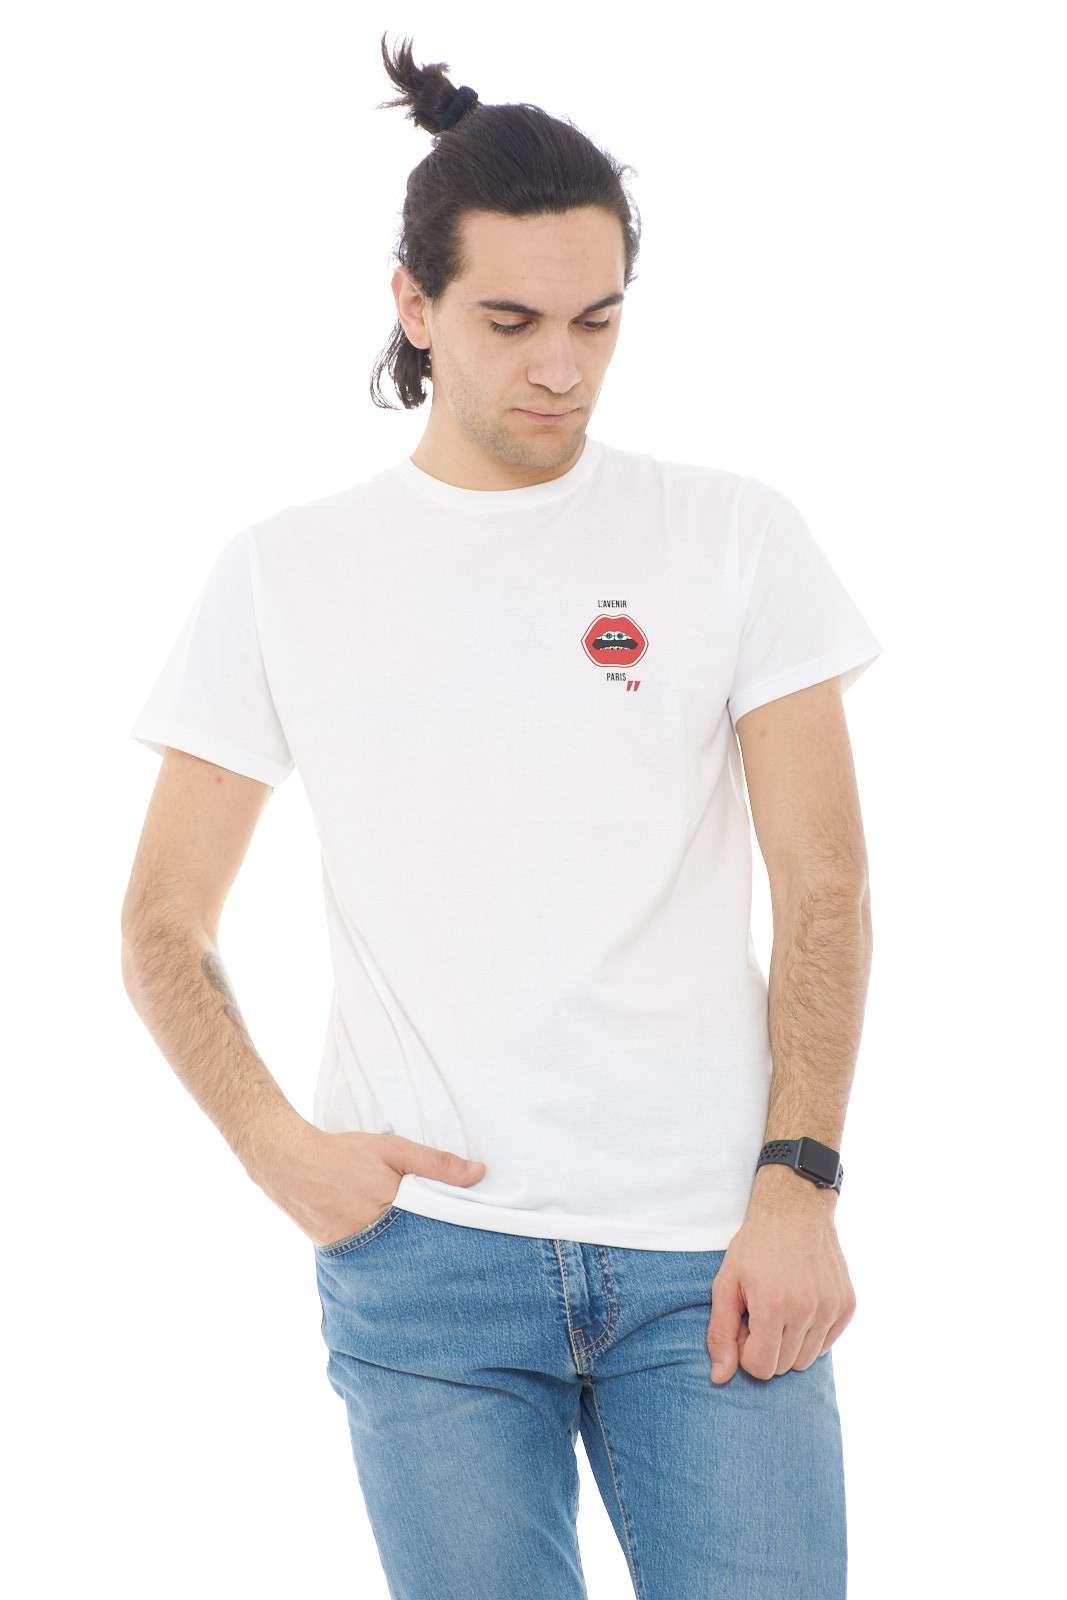 Scopri la T shirt firmata dalla collezione Daniele Alessandrini primavera estate. Unna linea minimal da indossare con i look più casual da abbinare con ogni look. Un capo unico e versatile per il proprio guardaroba.